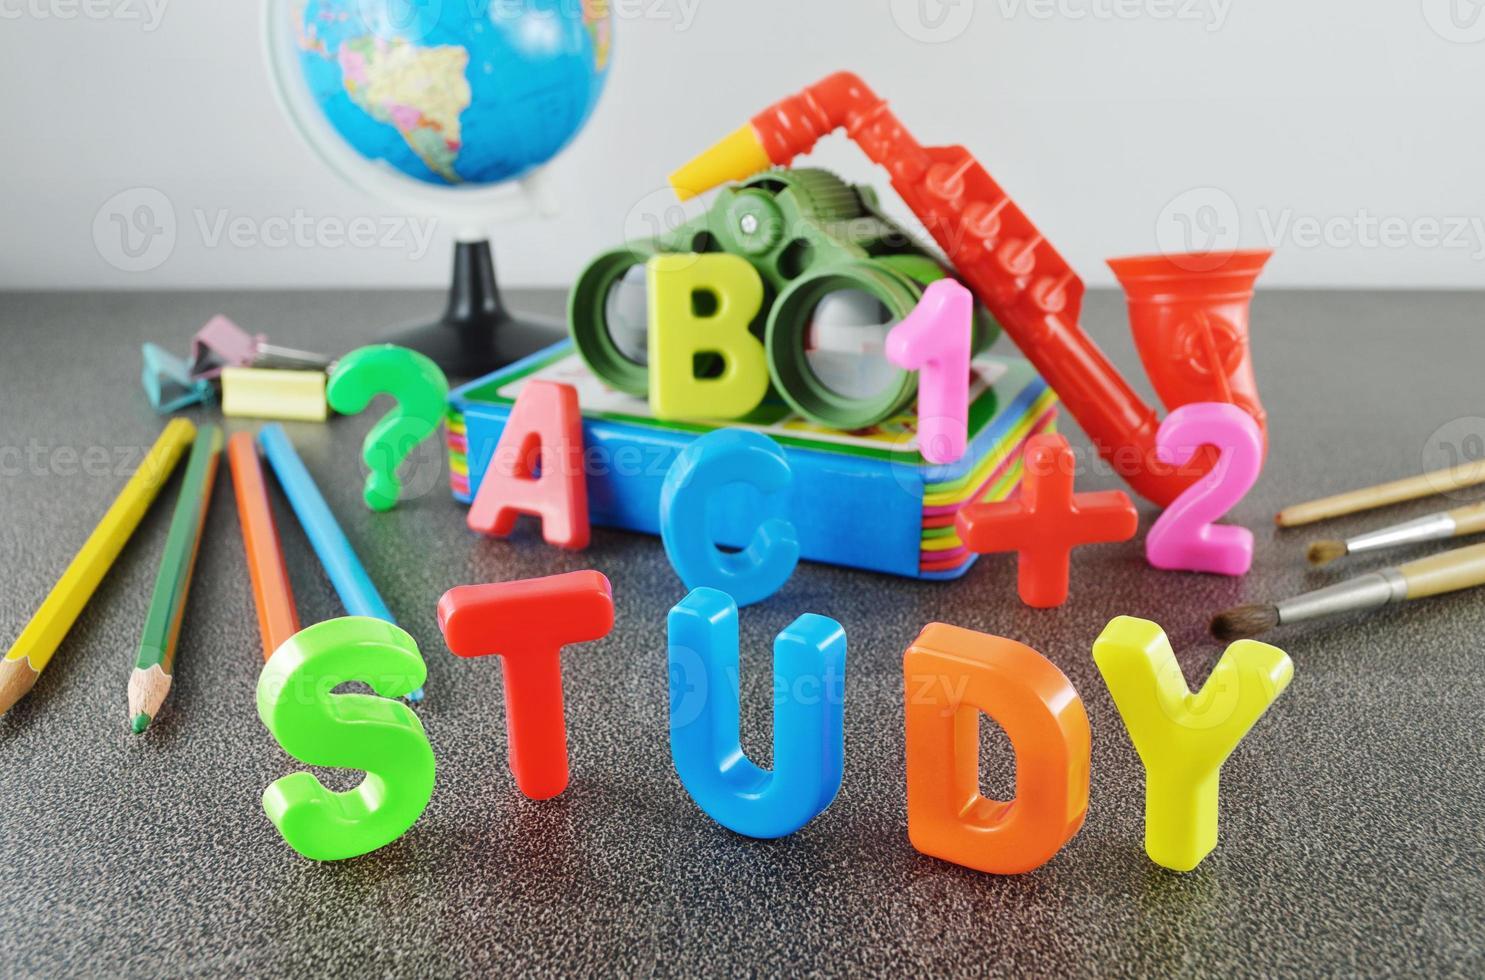 Study conceptual image photo